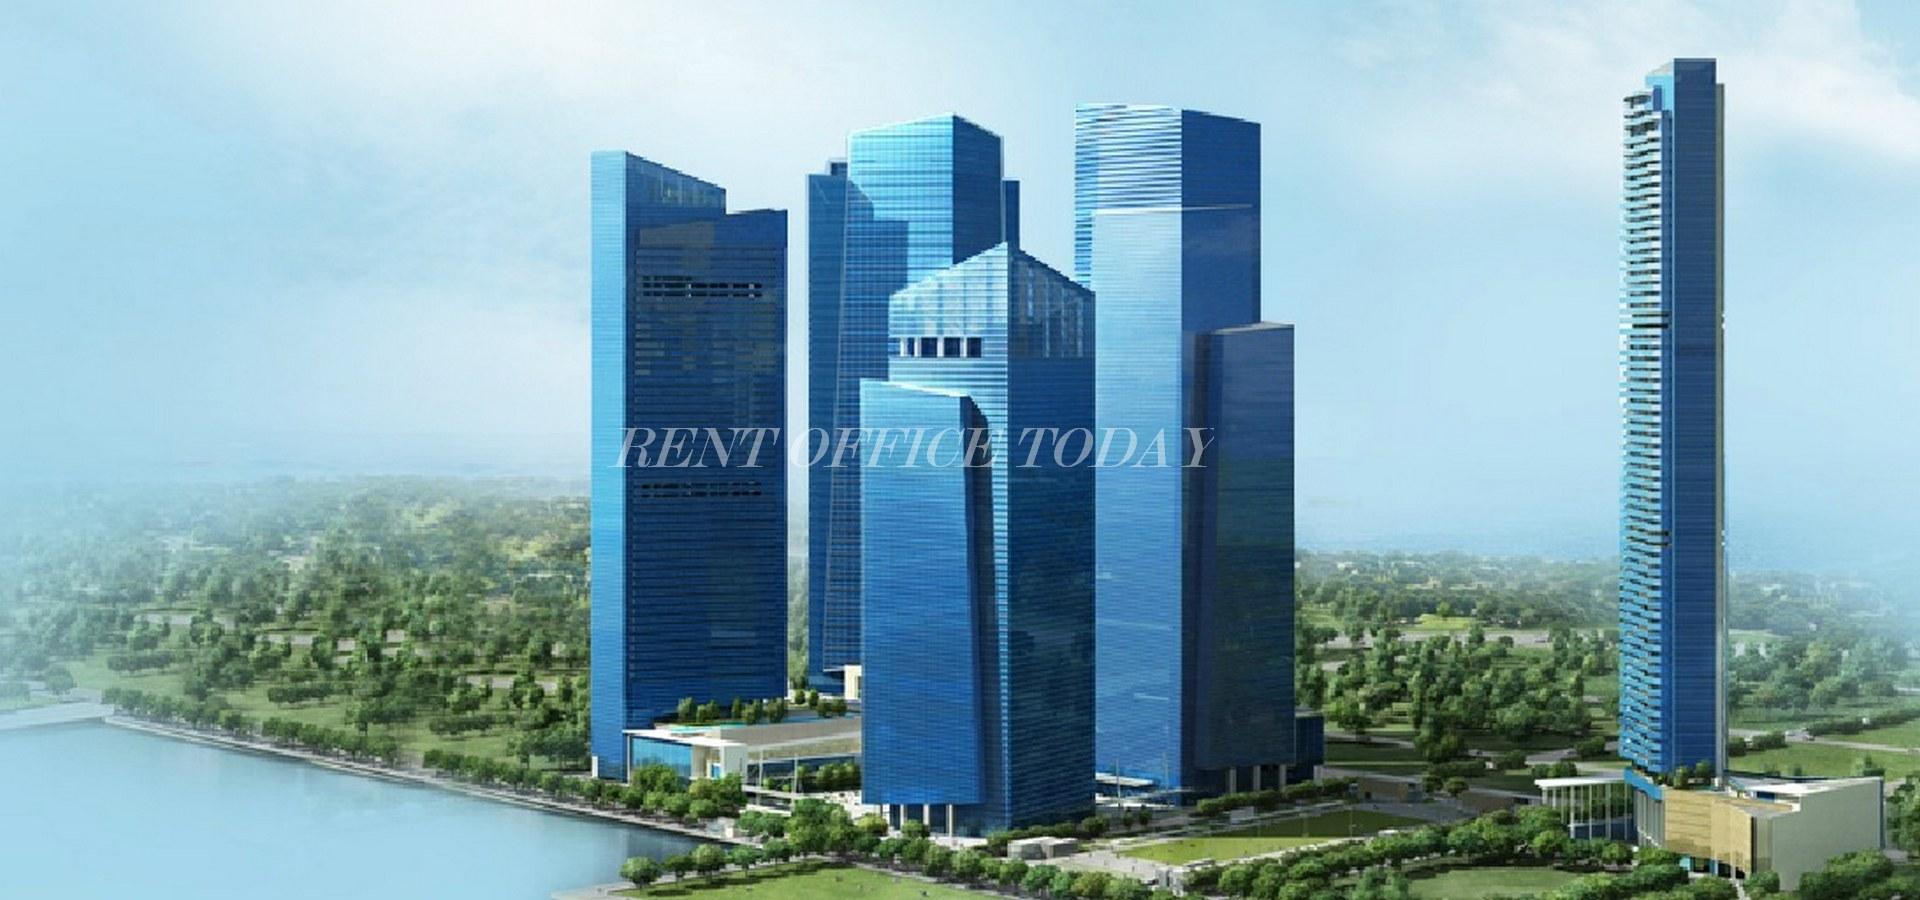 مكتب للايجار marina bay financial centre-16